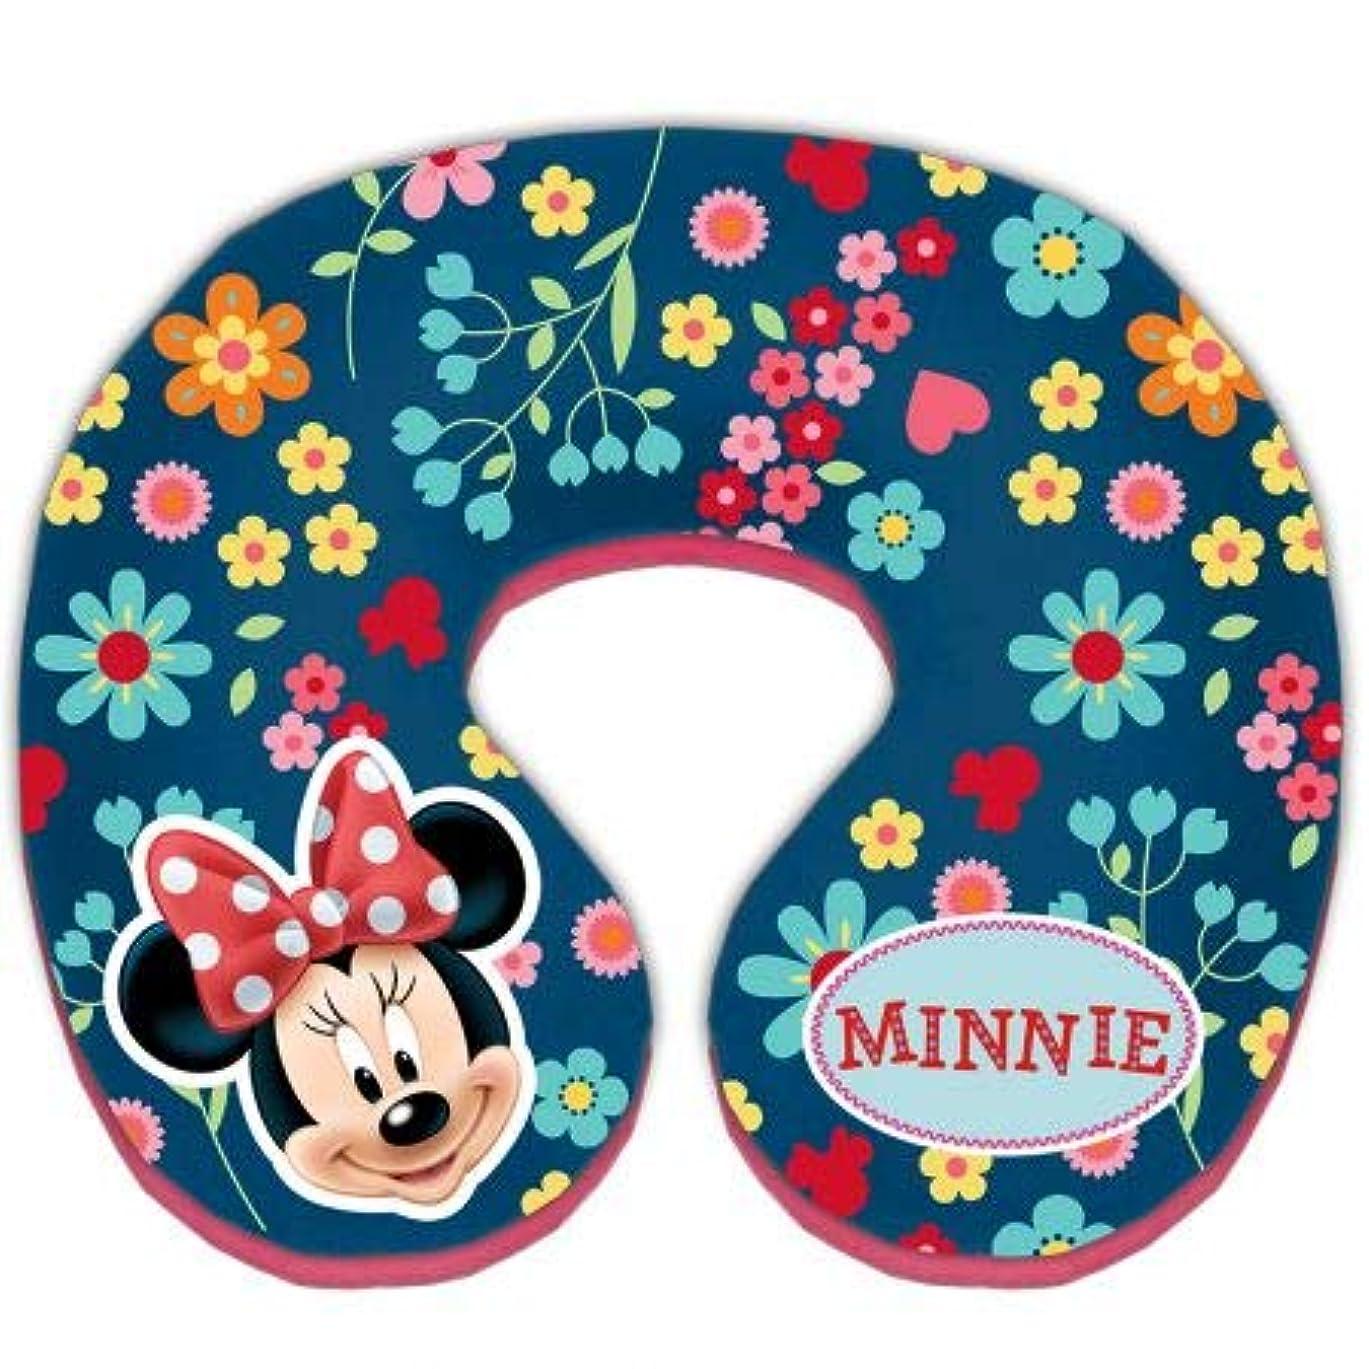 部あいまいさ暴行Disney Minnie-Mouse ディズニー ミニーマウス 携帯枕 首枕 ネックピロー ネッククッション 子供用 6030 [並行輸入品]